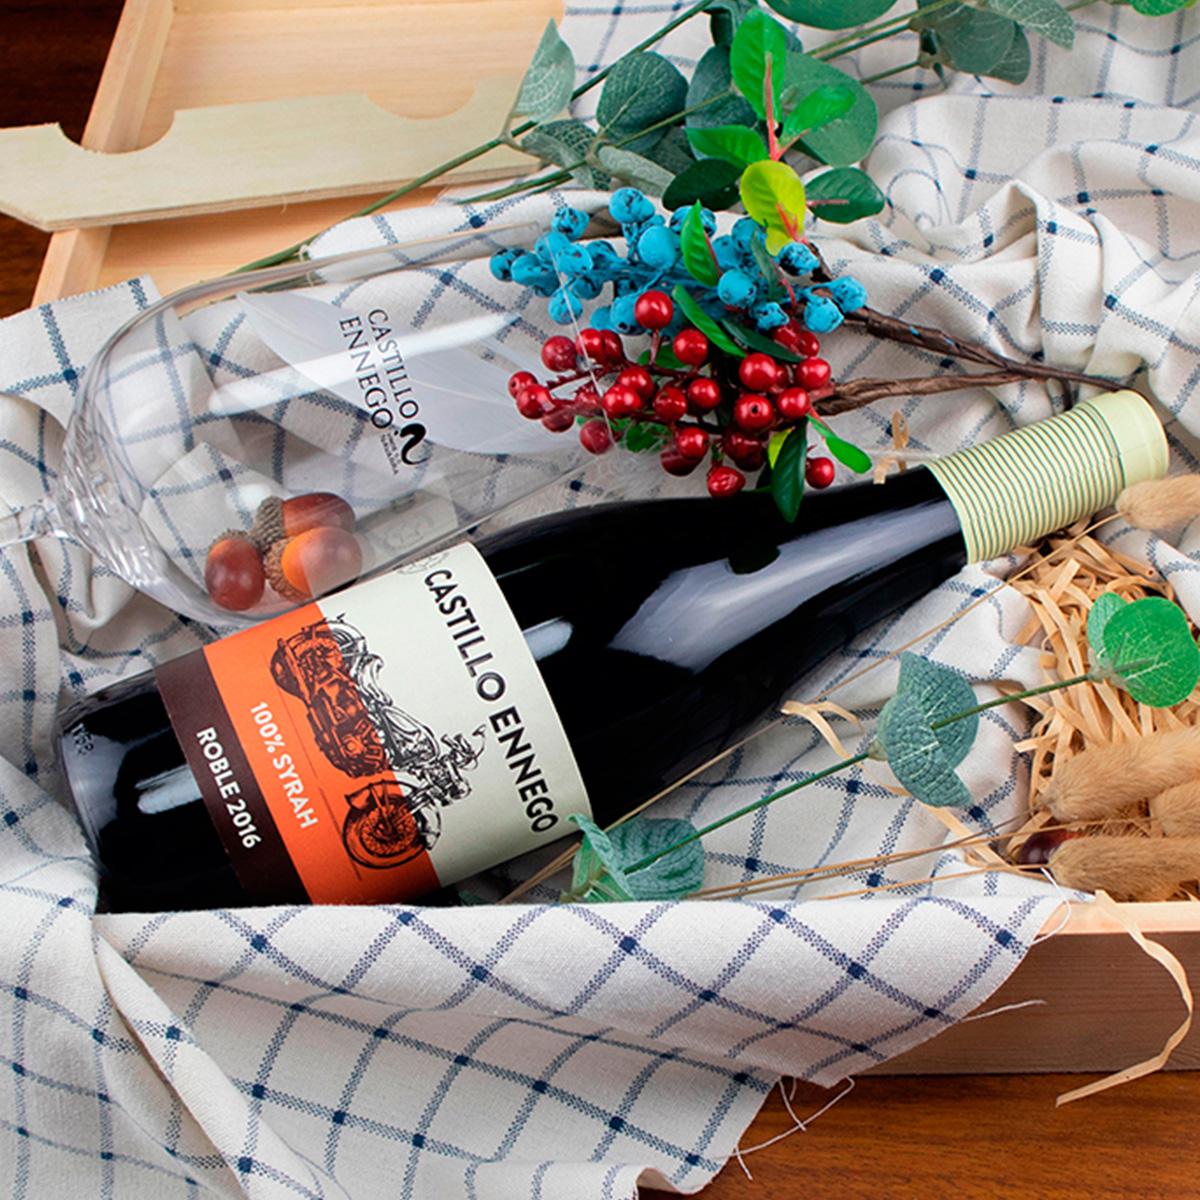 西班牙纳瓦拉安格蓉纳瓦拉酒庄酿酒师之选西拉干红葡萄酒(广州永信酒业 )